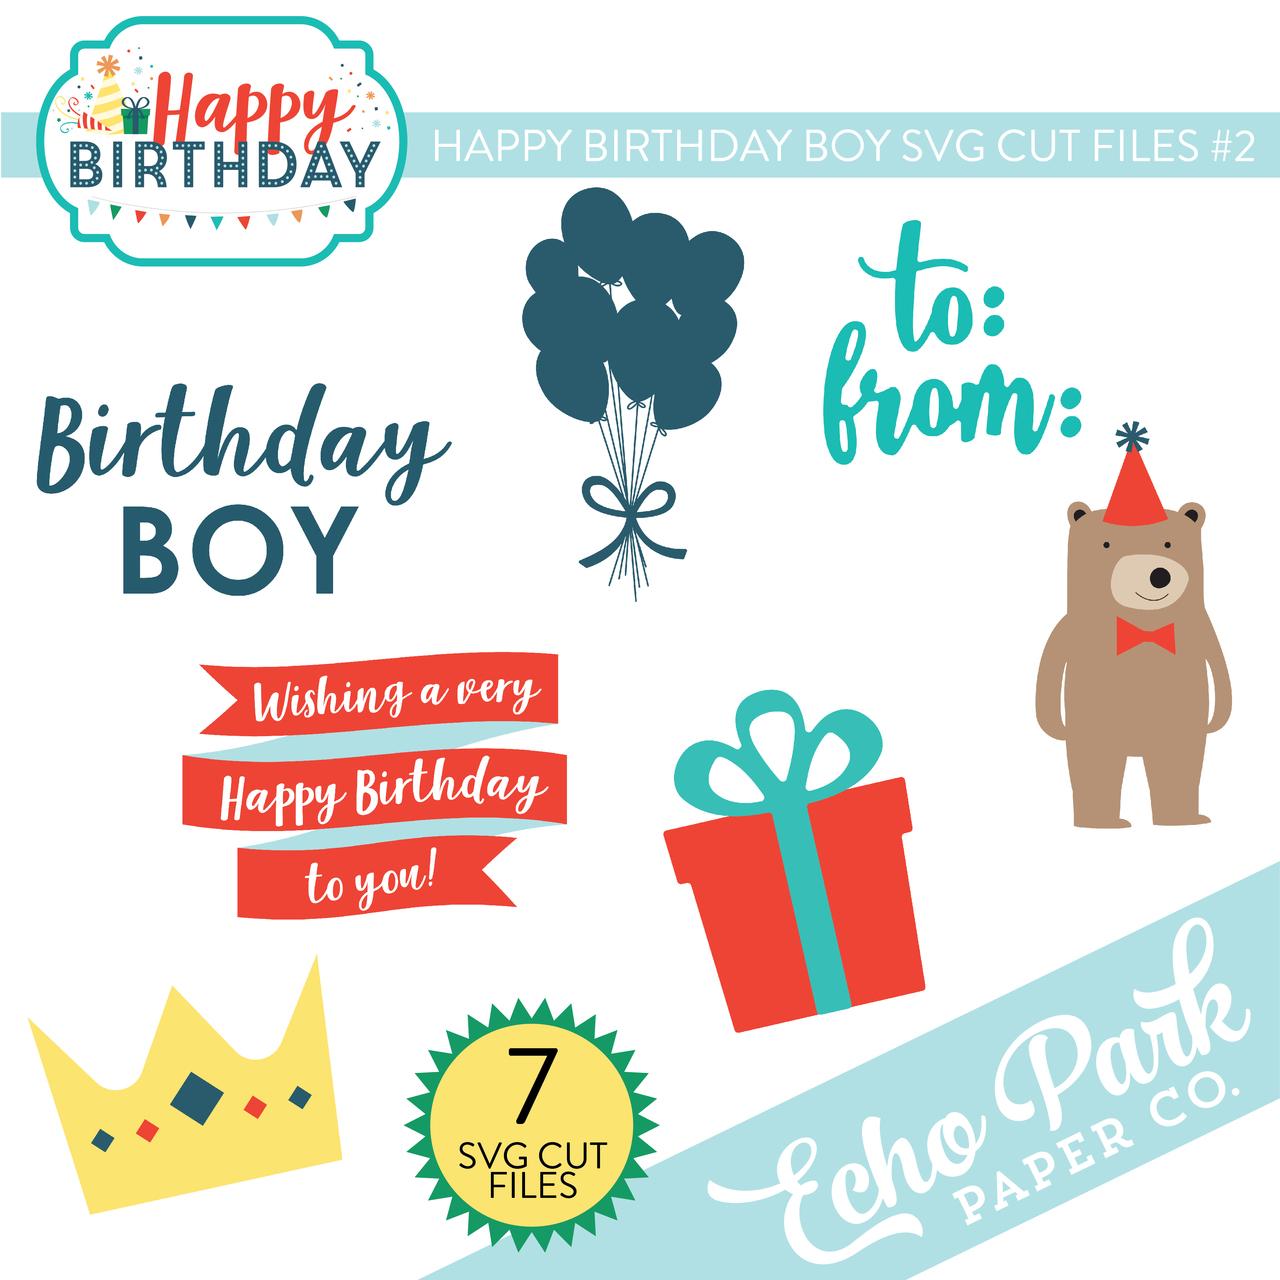 Happy Birthday Boy SVG Cut Files #2